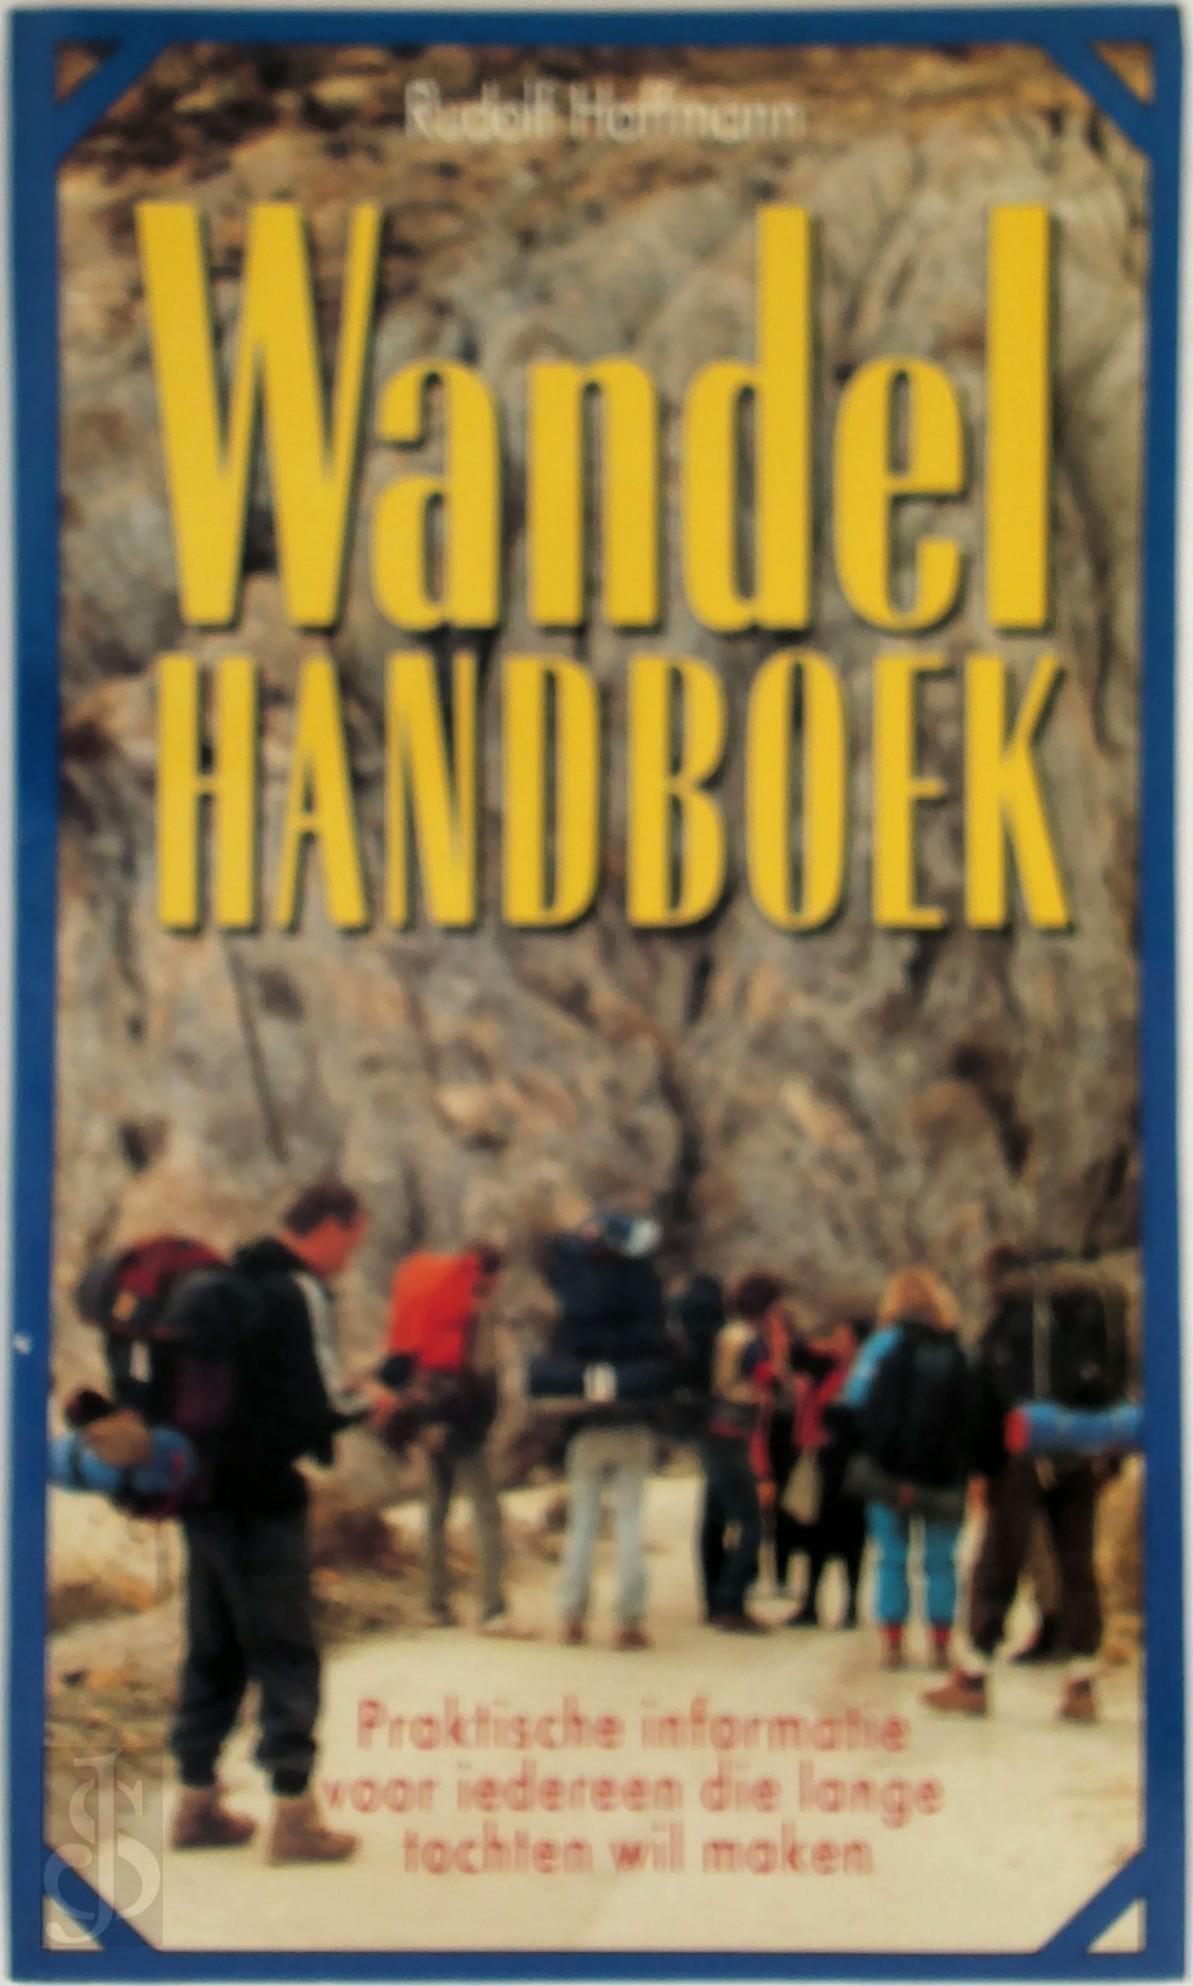 Hoffmann - Wandelhandboek